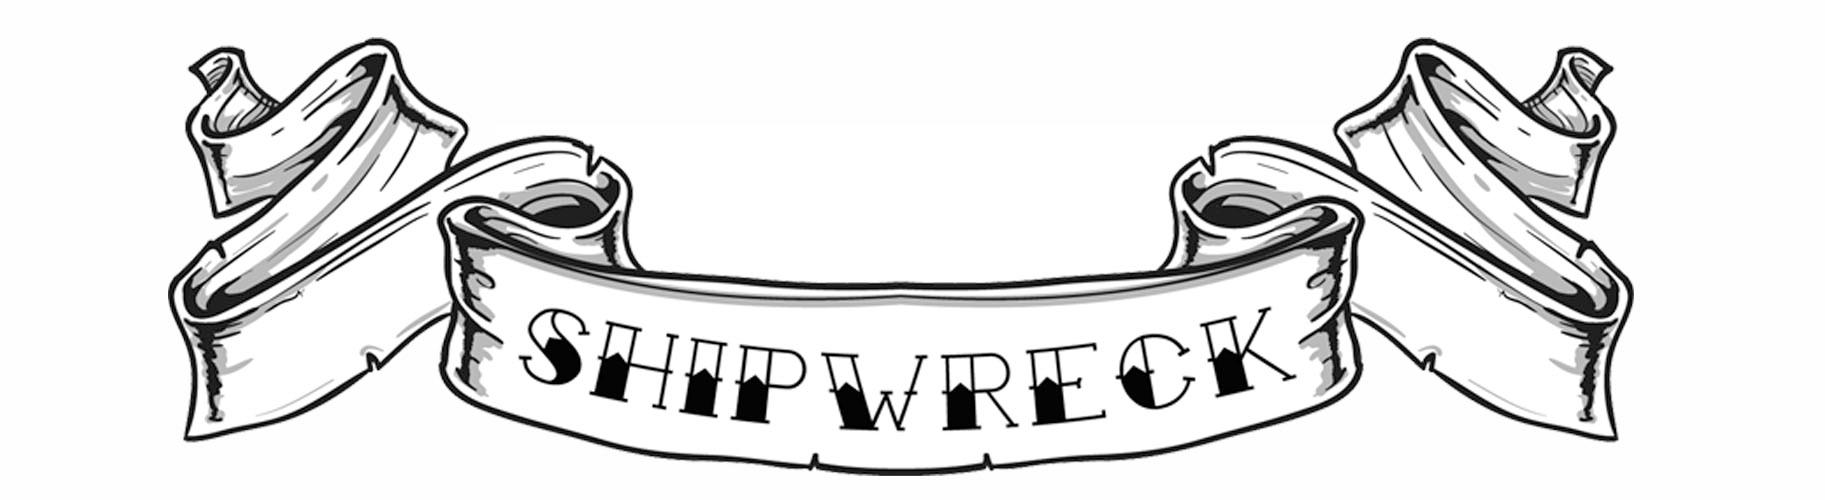 Shipwreck (@shipwreckglass) Cover Image